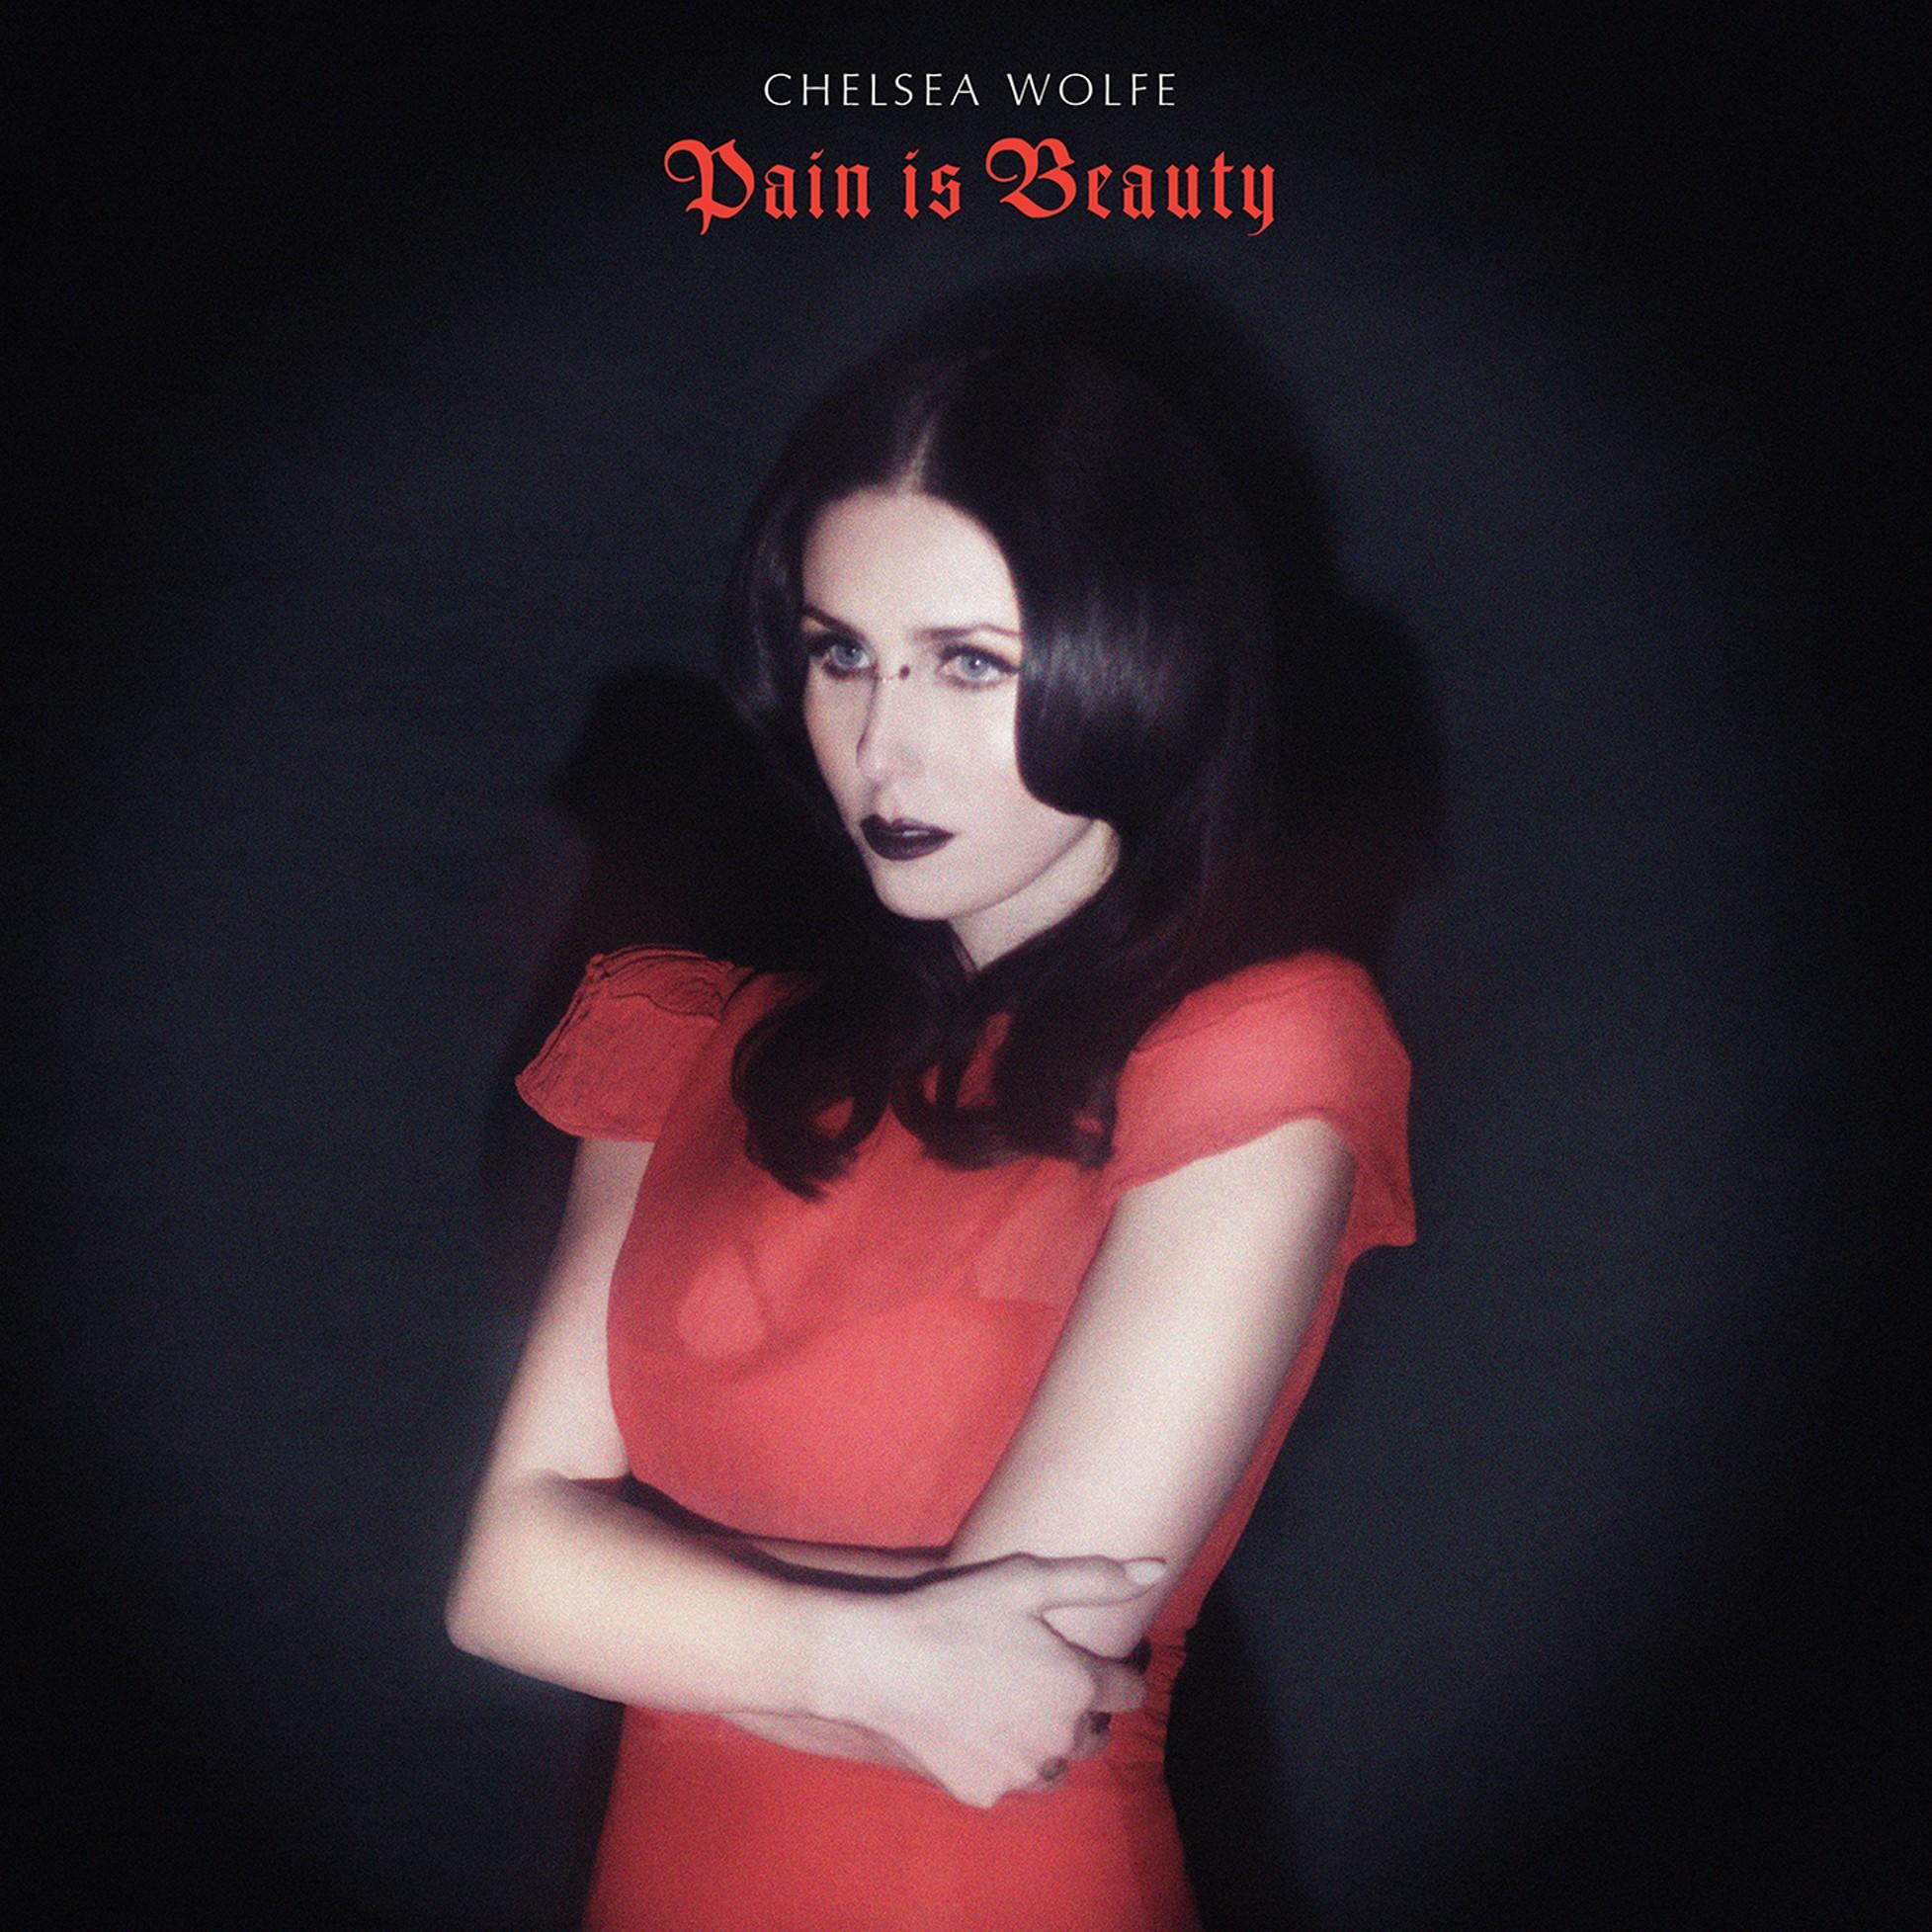 Chelsea Wolfe - Pain is Beauty